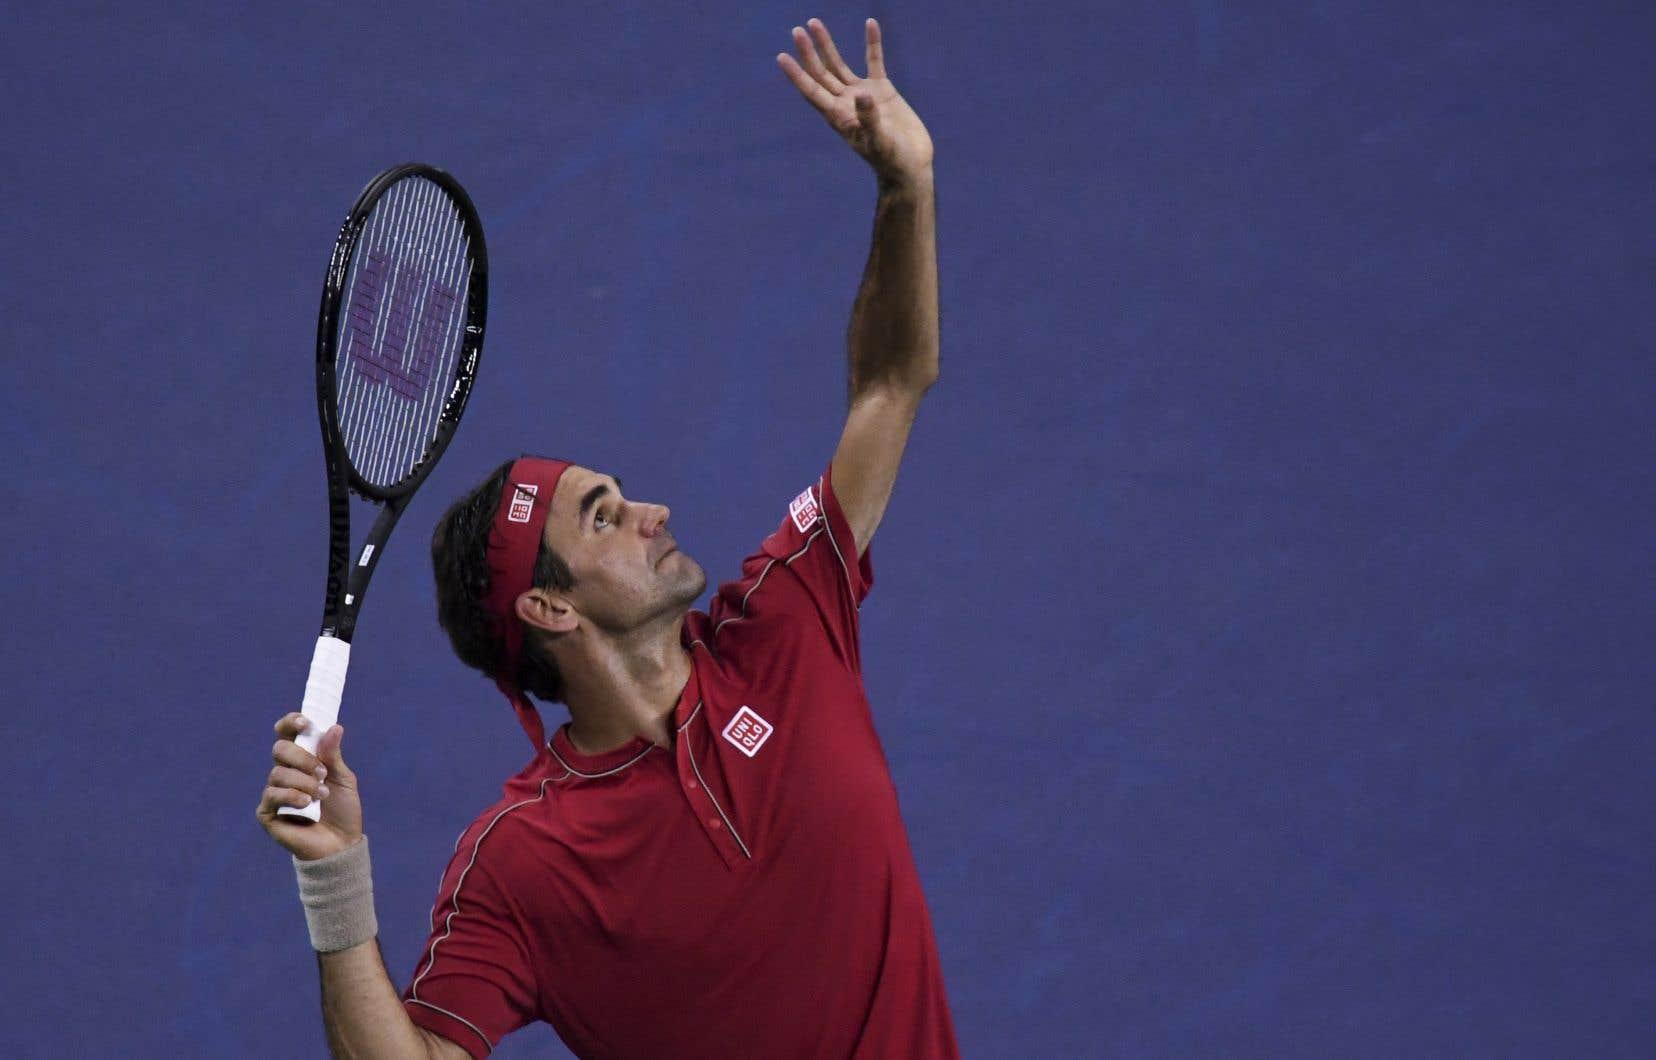 Federer a été sanctionné pour avoir frappé une balle dans les gradins, puis une pénalité de point pour conduite antisportive.